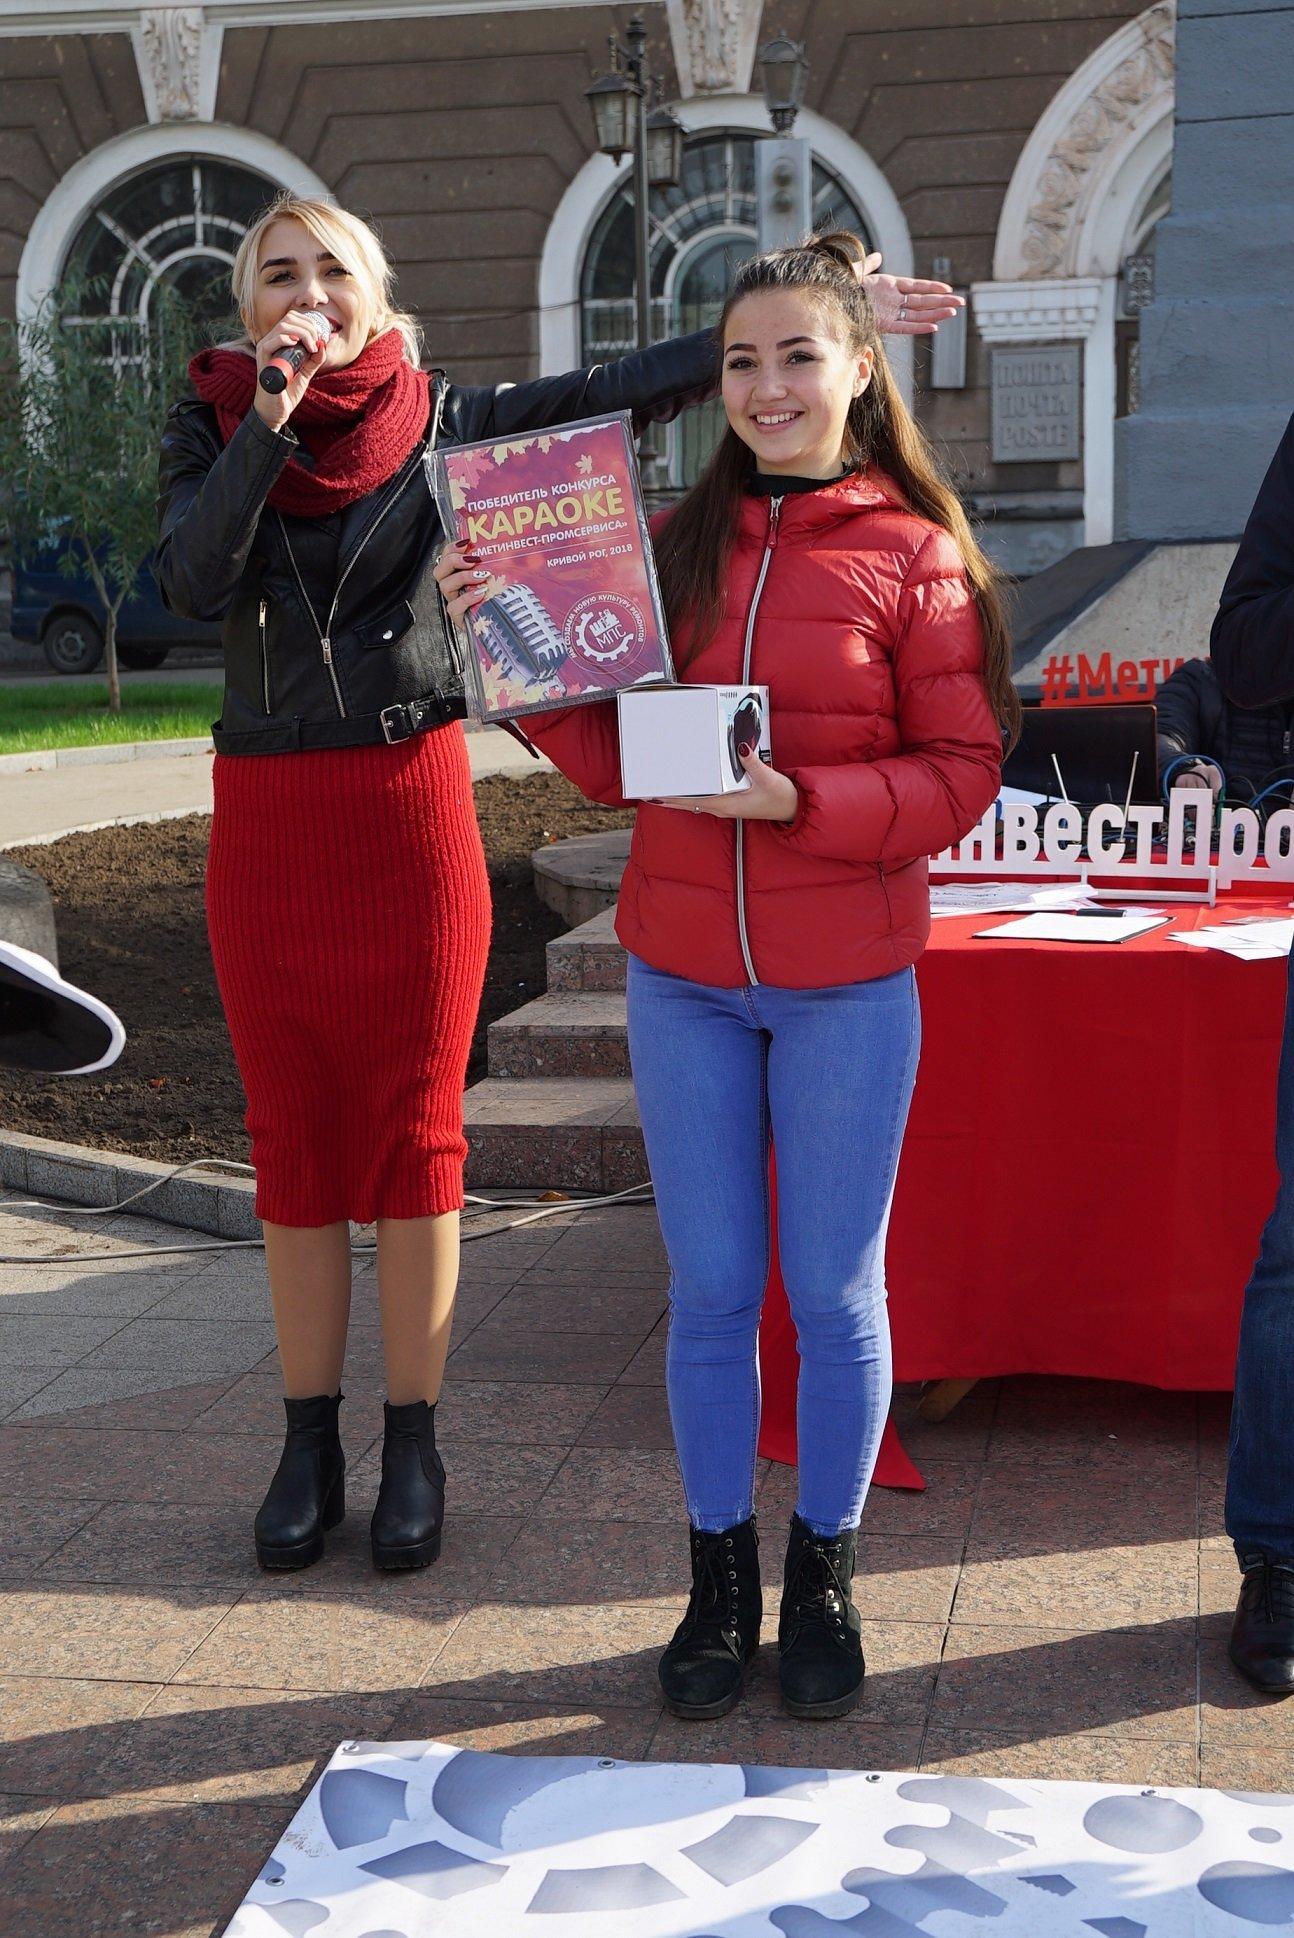 Караоке на Почтовом: «Метинвест-Промсервис» привез любимое развлечение на центральную площадь Кривого Рога, фото-2